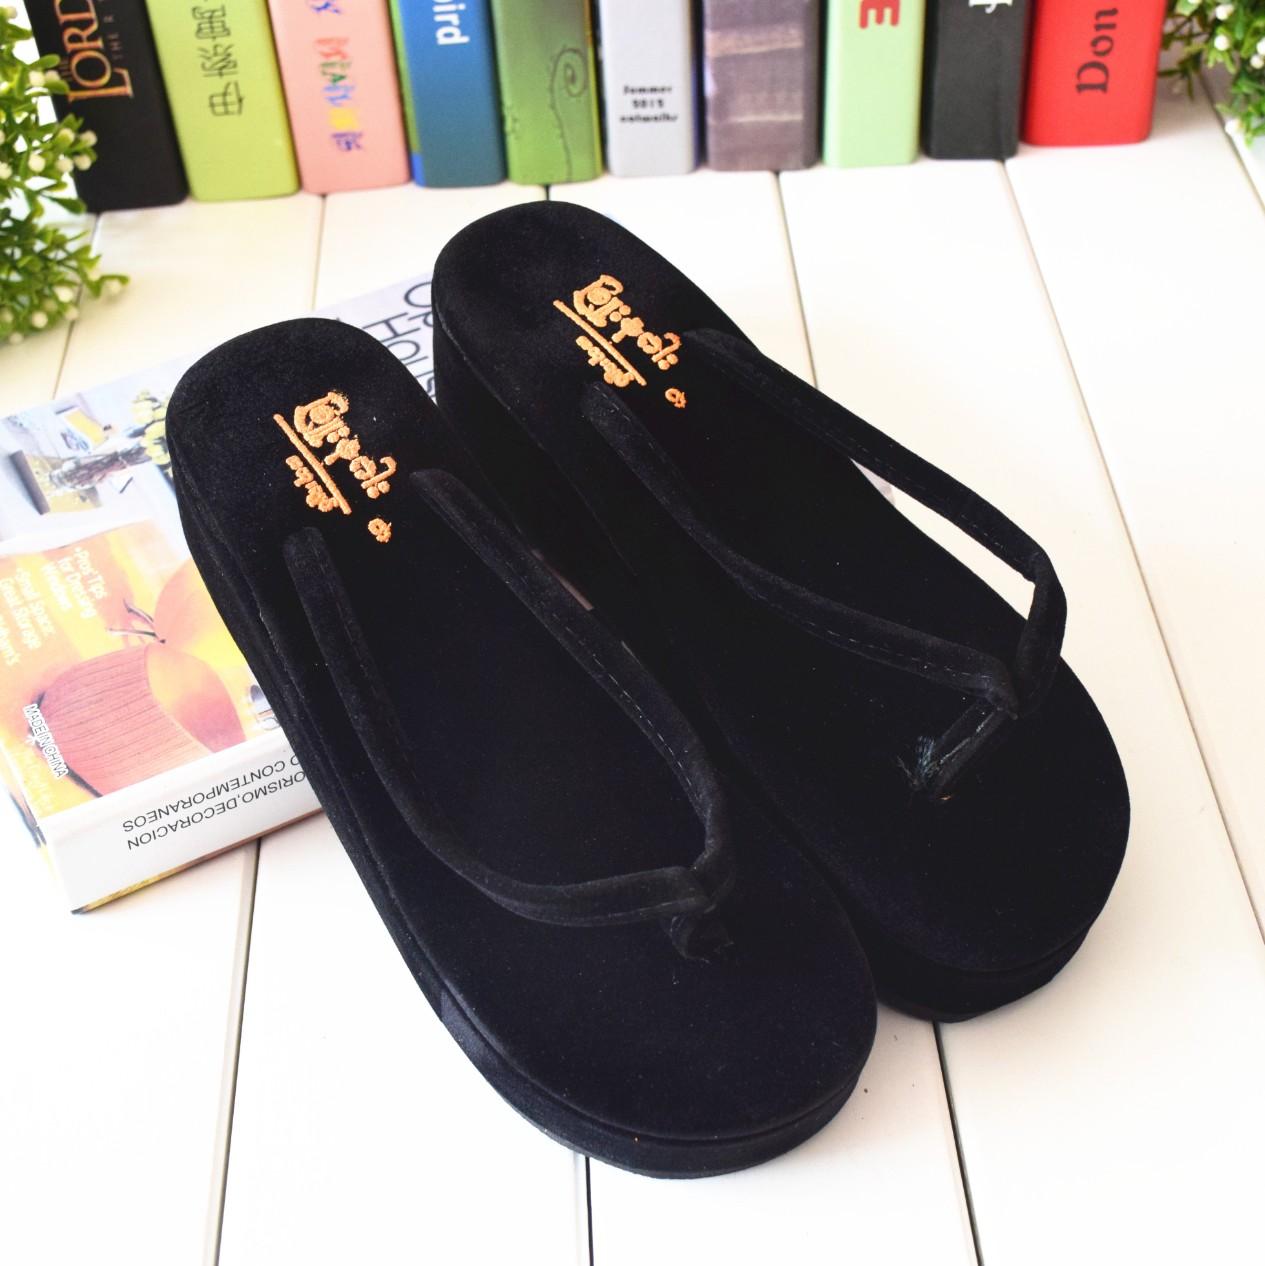 经典缅甸拖鞋时尚精品坡跟女士人字拖鞋1双包邮